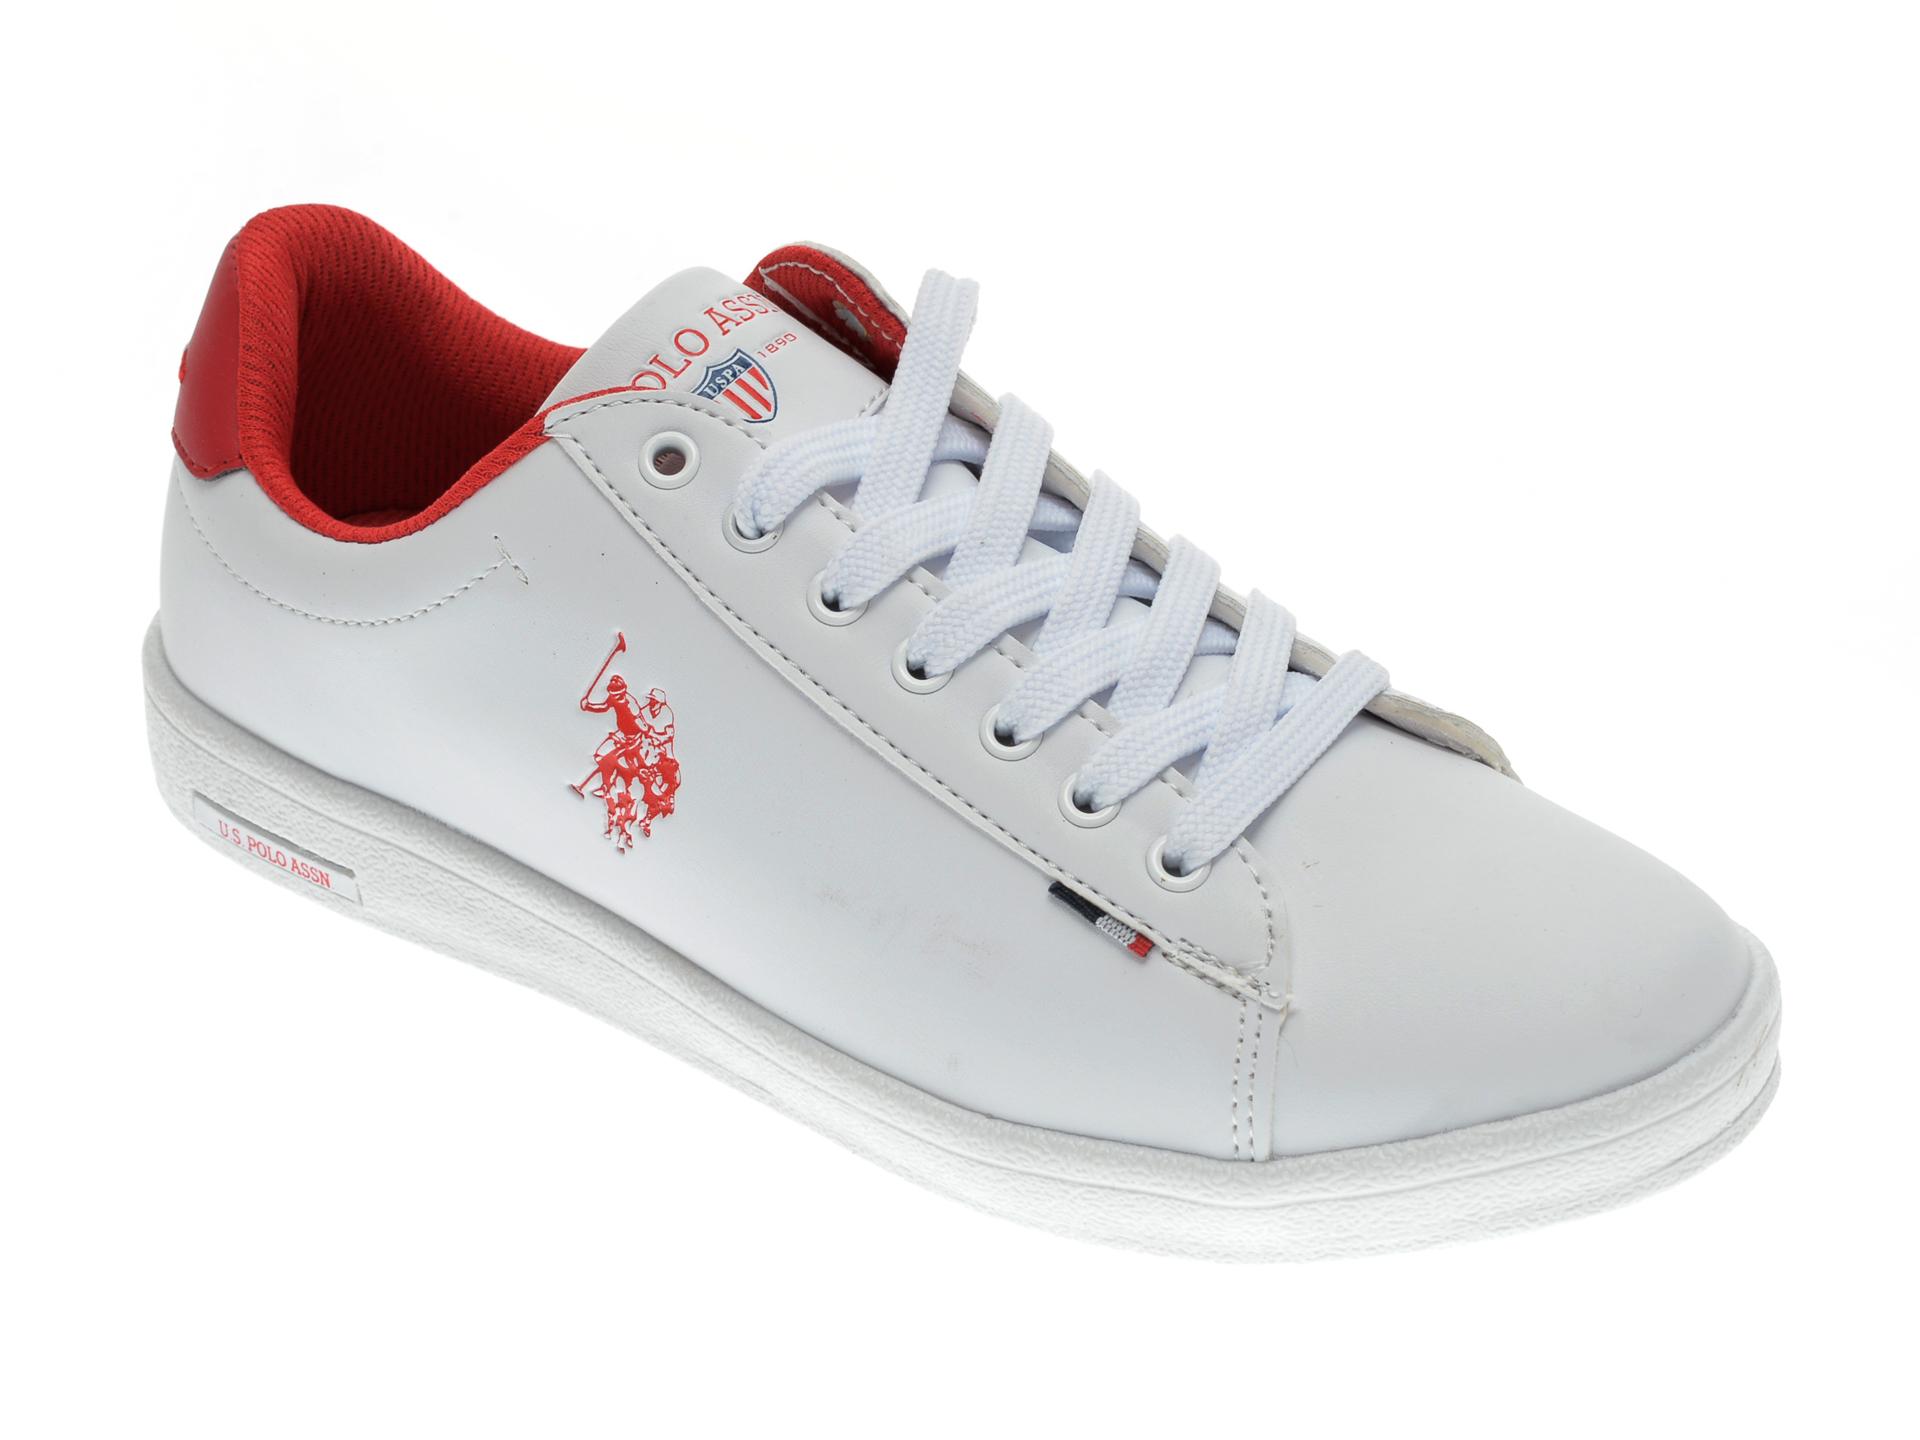 Pantofi Sport Us Polo Assn Albi, 327264, Din Piele Ecologica